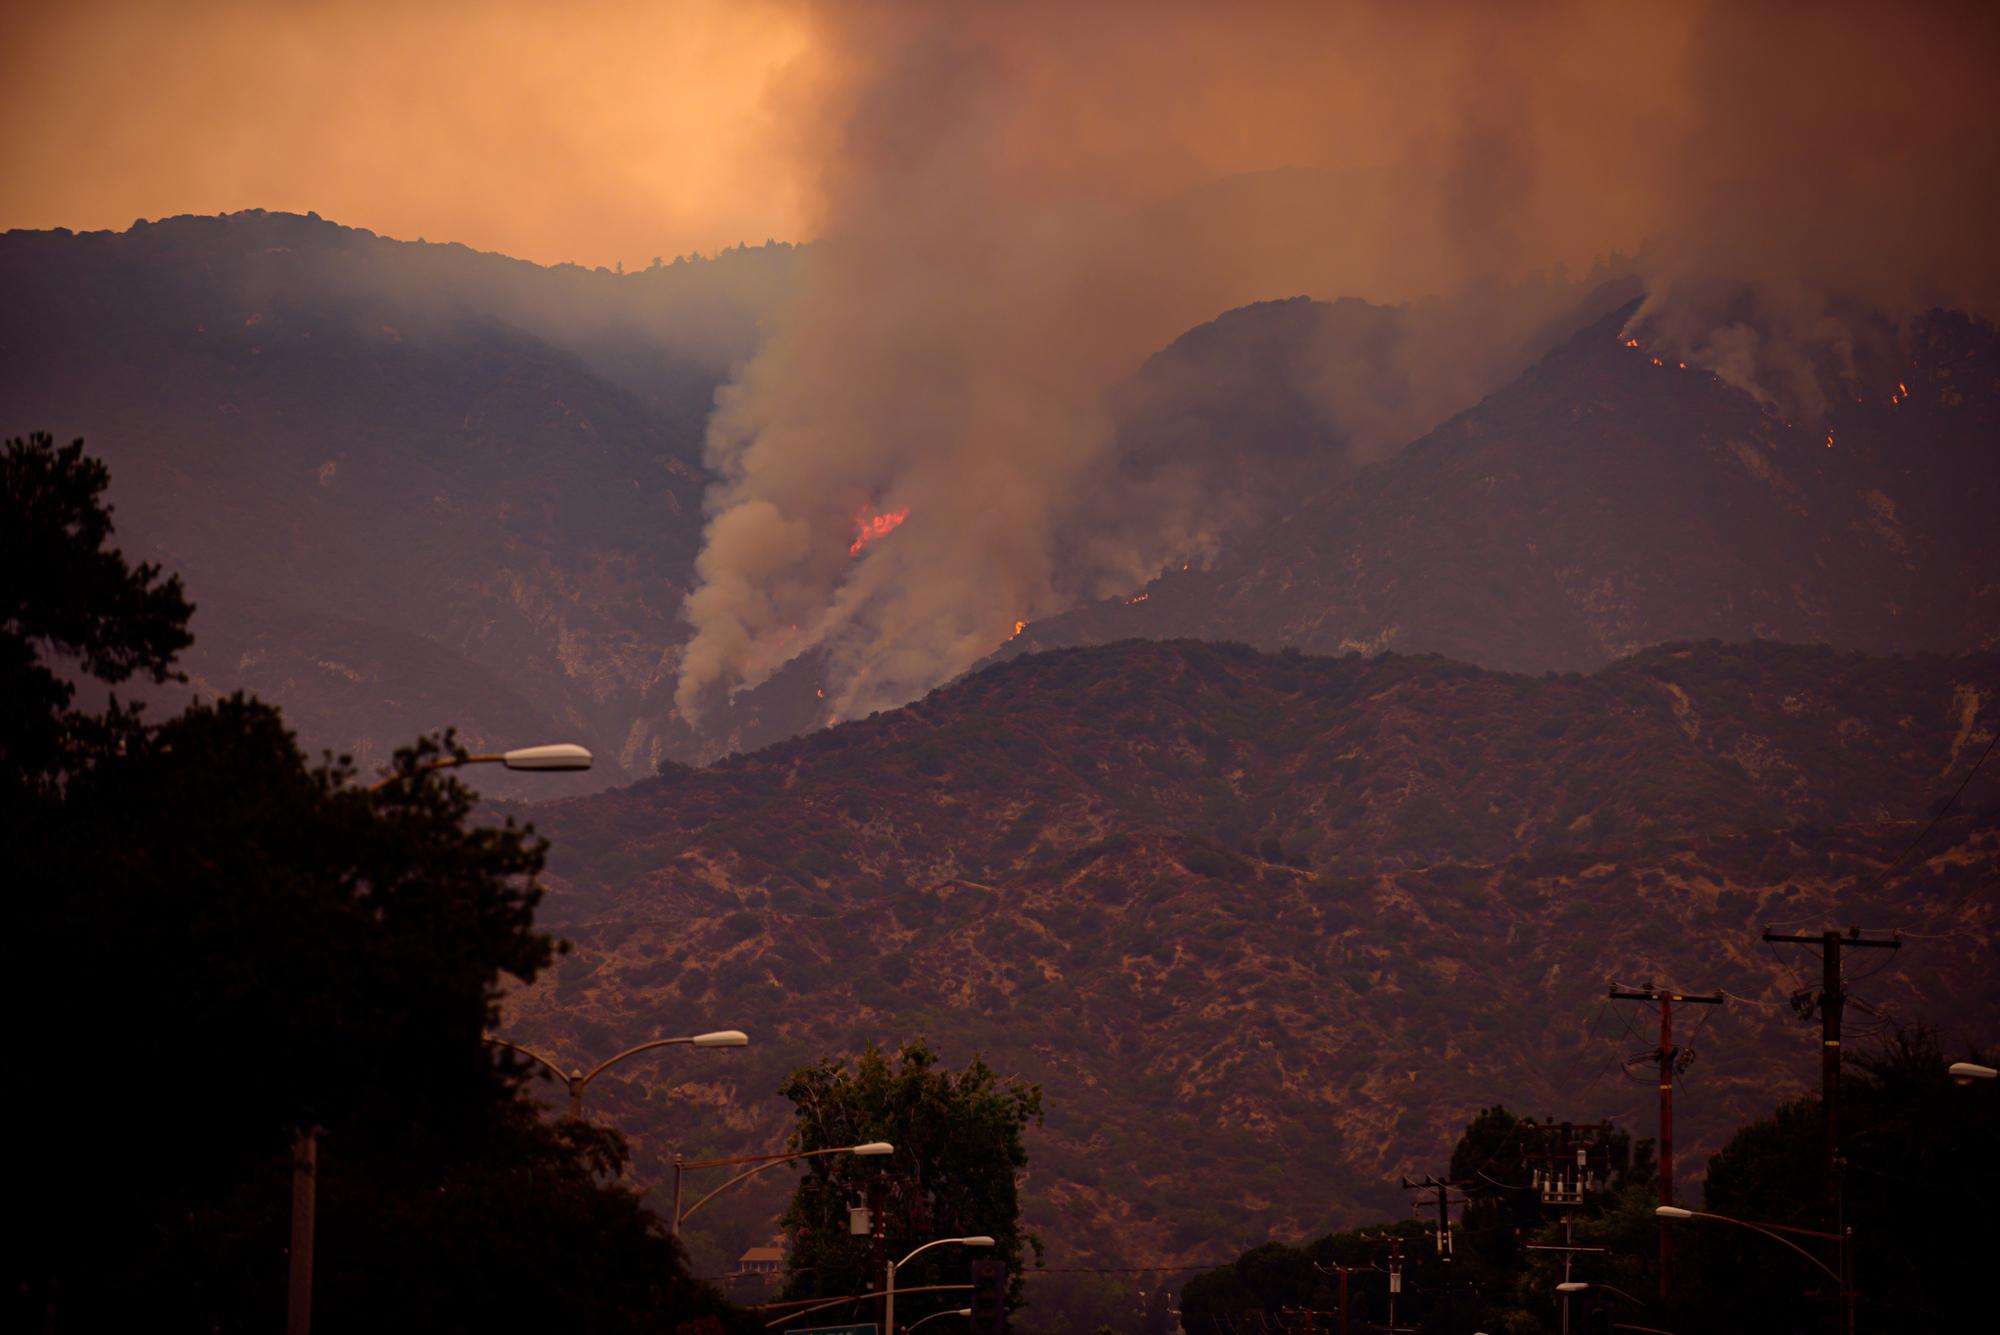 Лесные пожары вгорах насевере округа Лос-Анджелес, Калифорния, США, сентябрь 2020 годаЛесные пожары вгорах насевере округа Лос-Анджелес, Калифорния, США, сентябрь 2020 года